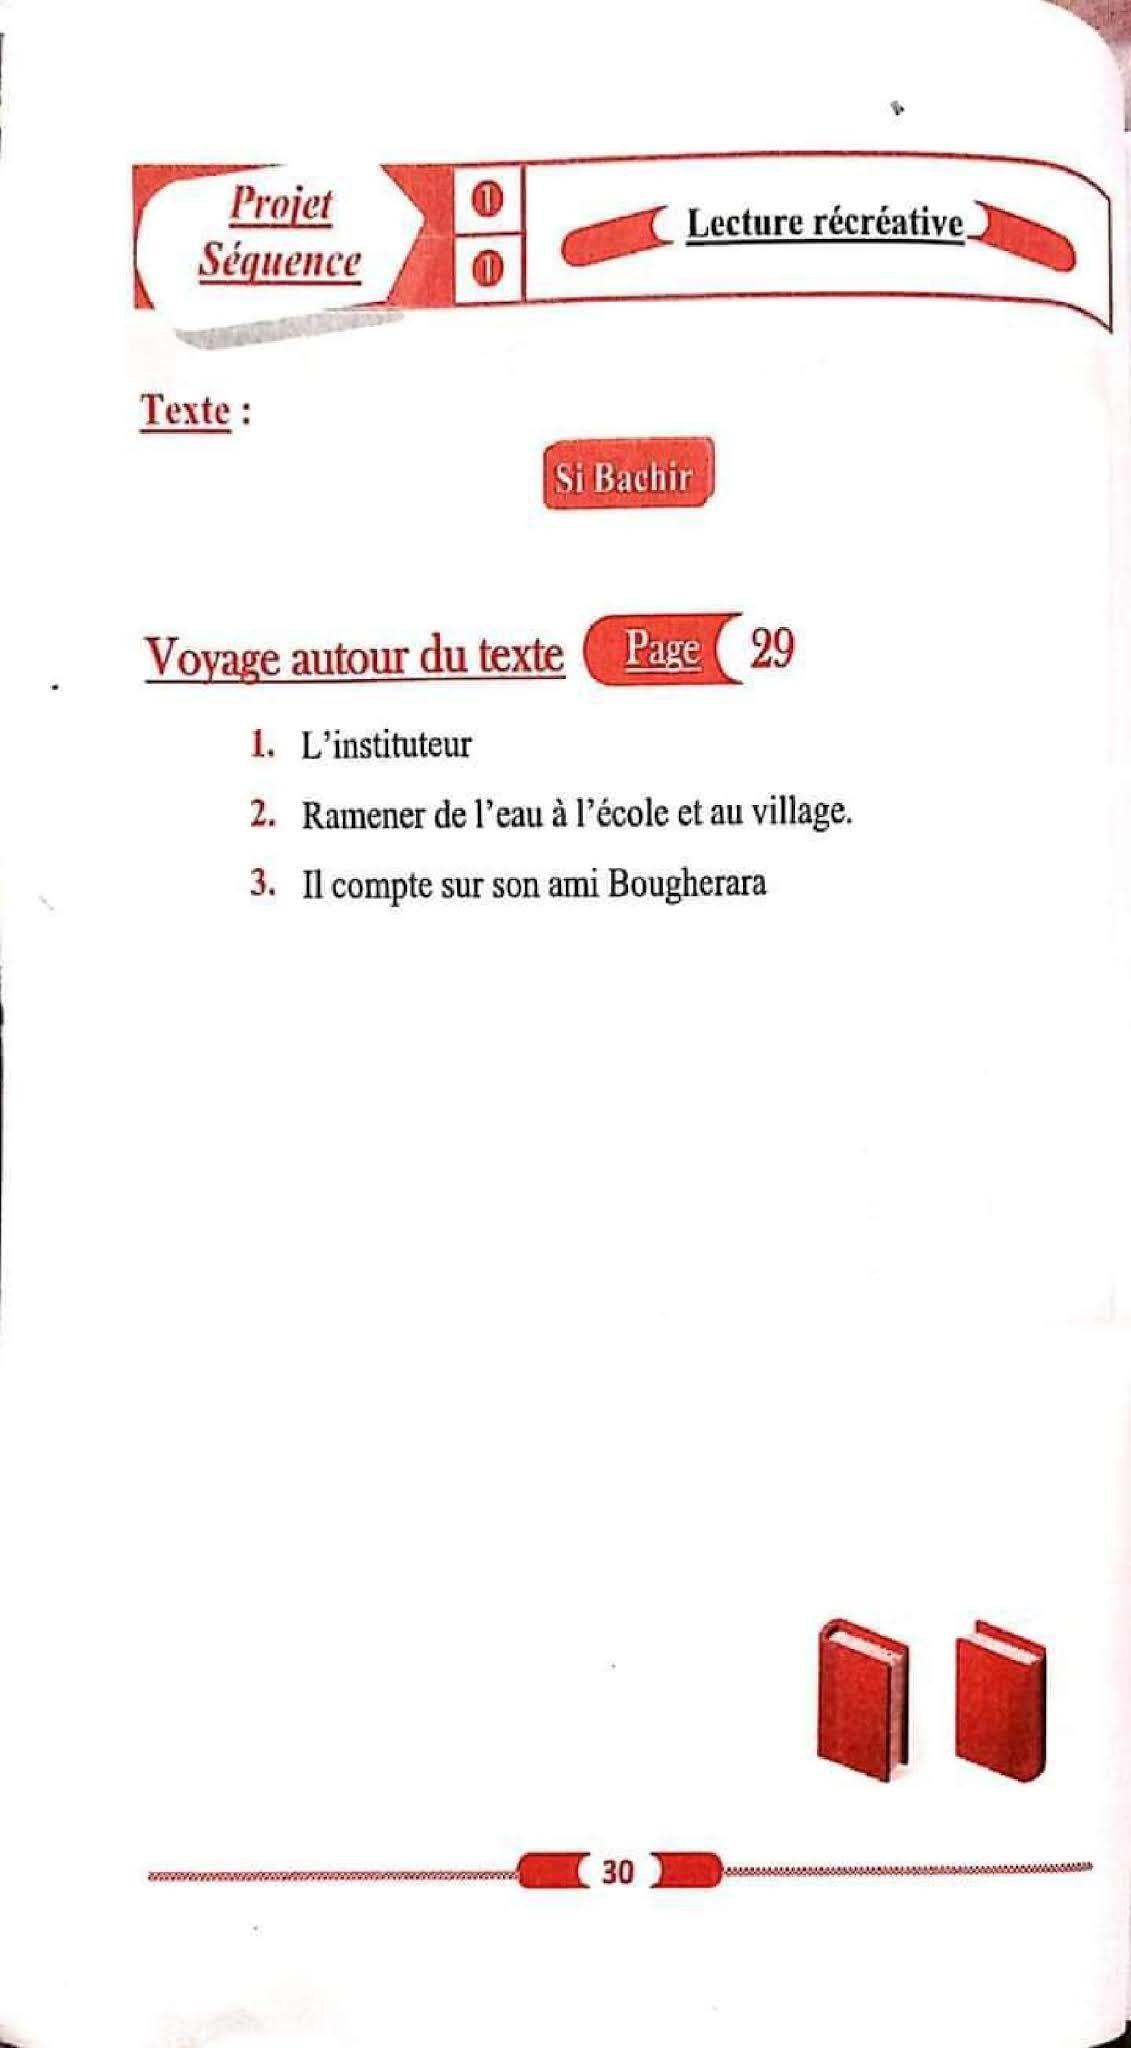 حل تمارين صفحة 29 الفرنسية 1 متوسط الجيل الثاني